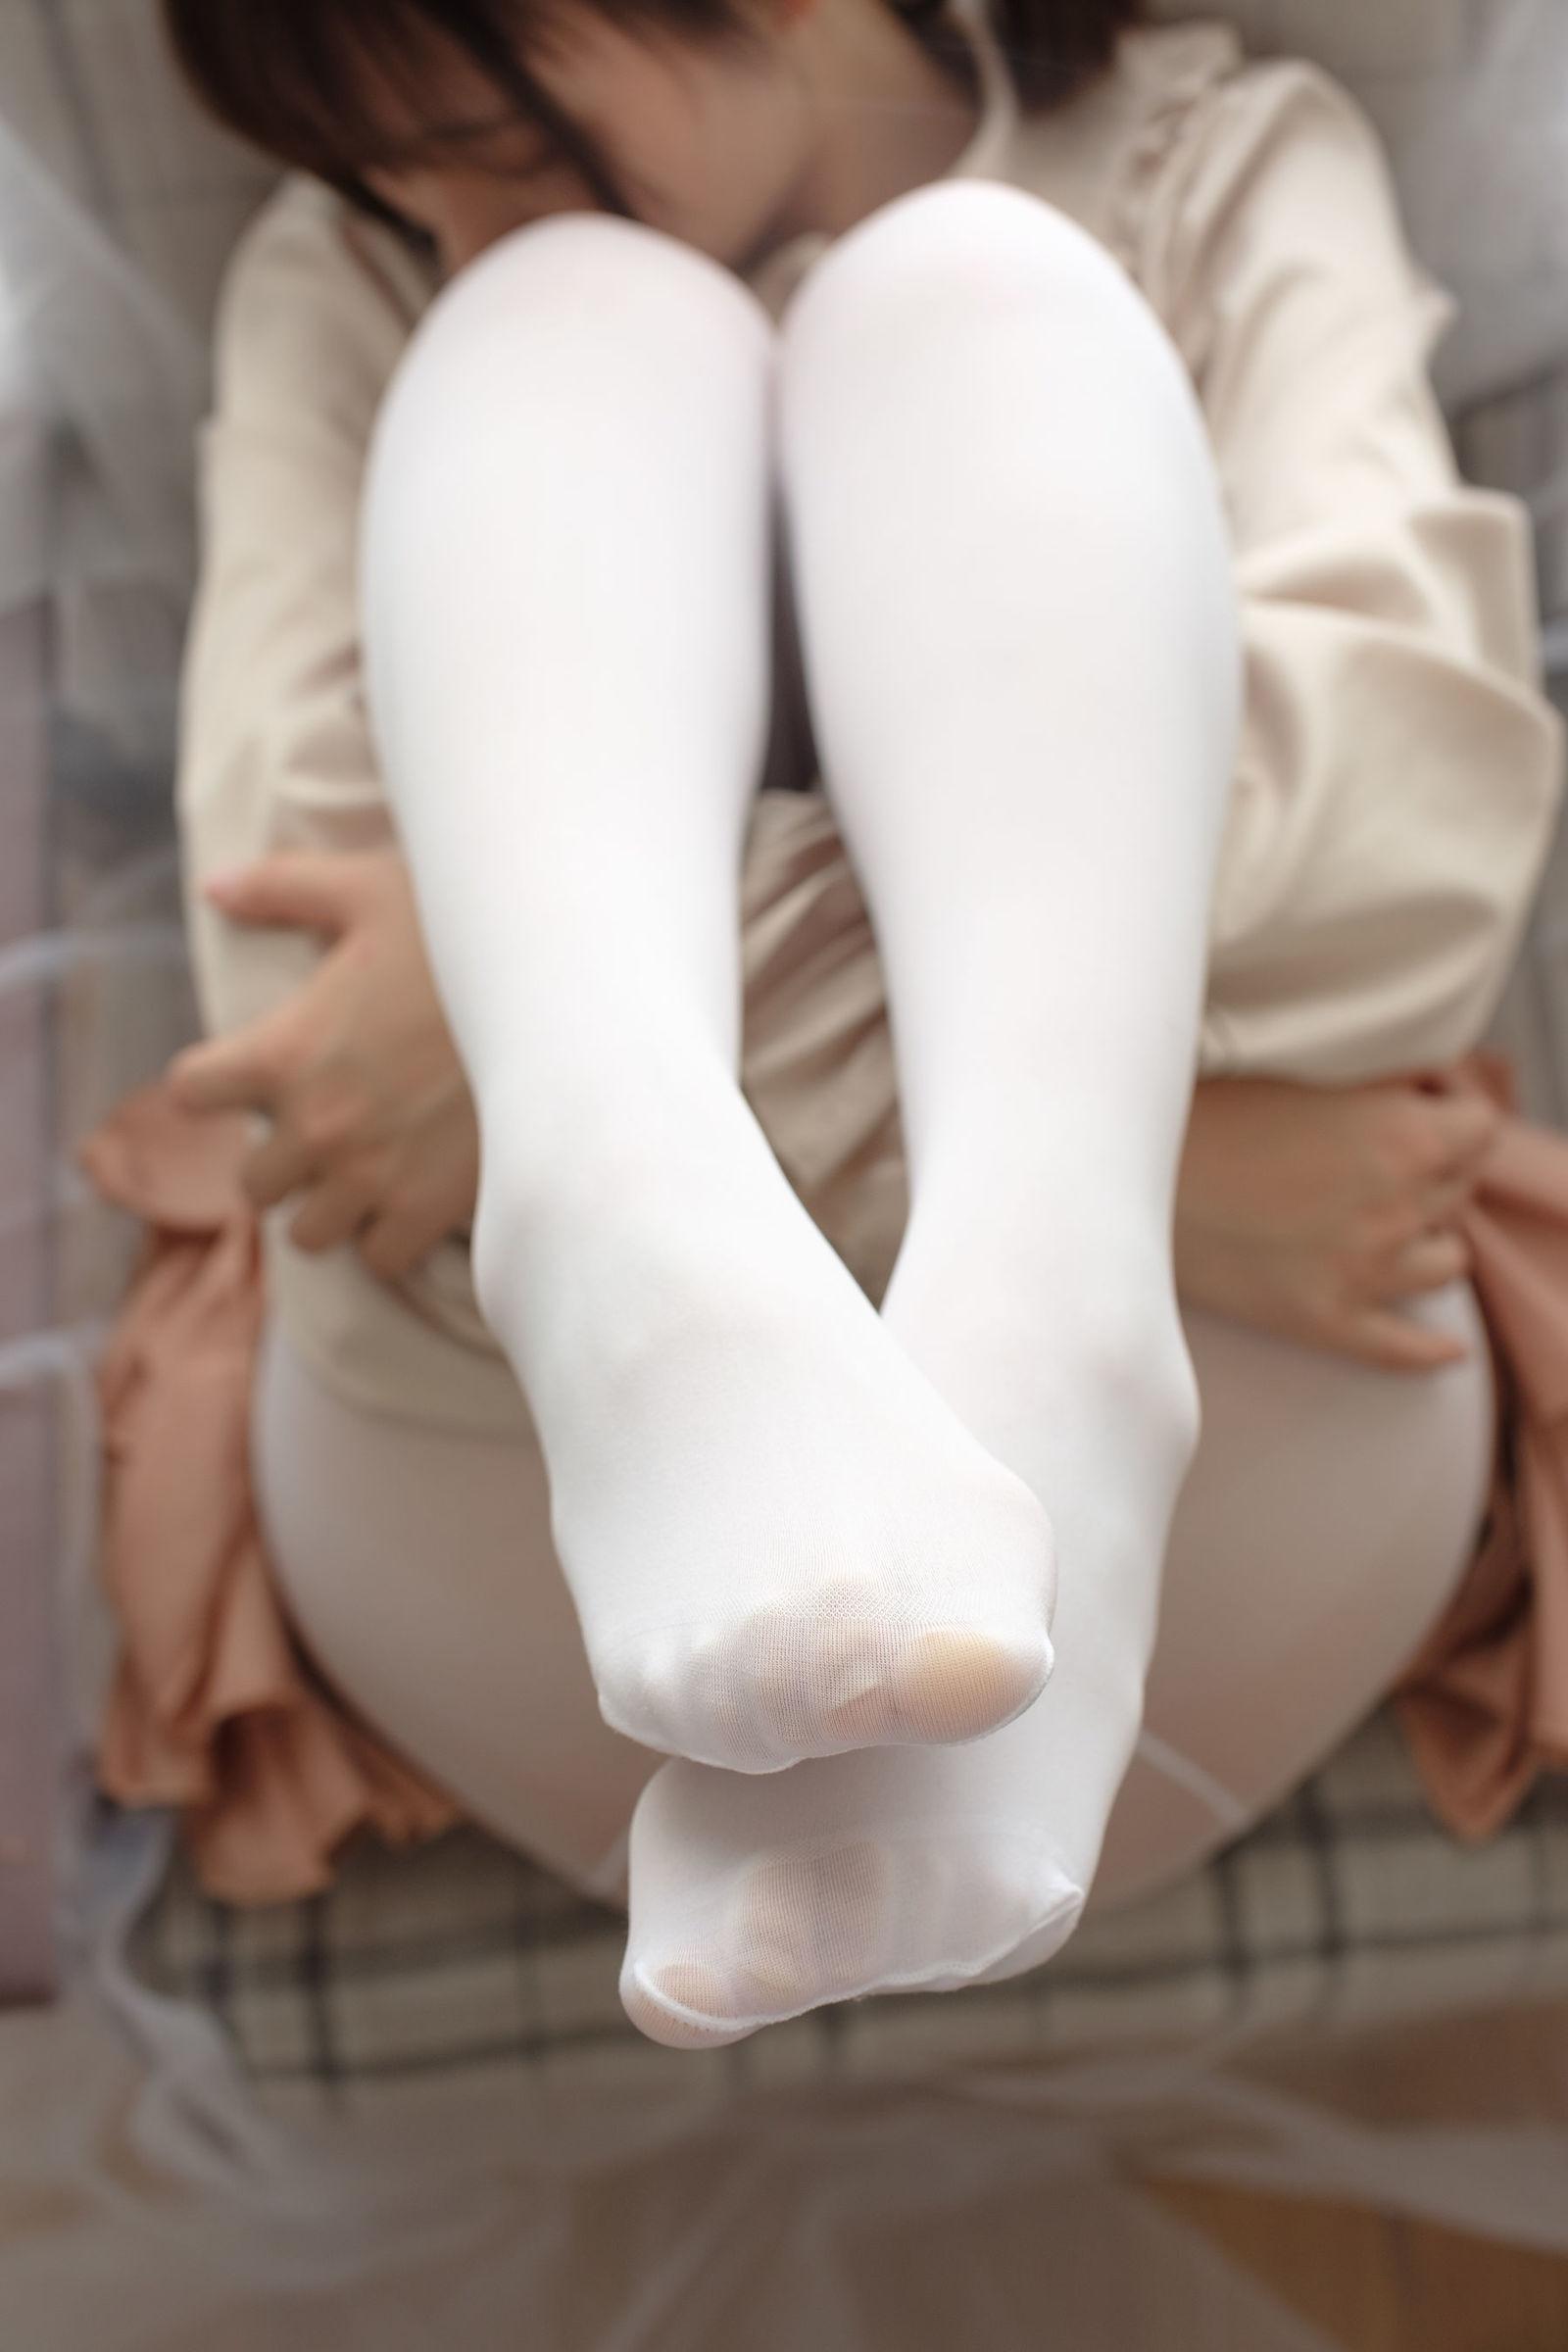 福利美图 萝莉白丝---丝袜写真-第17张图片-哔哔娱乐网